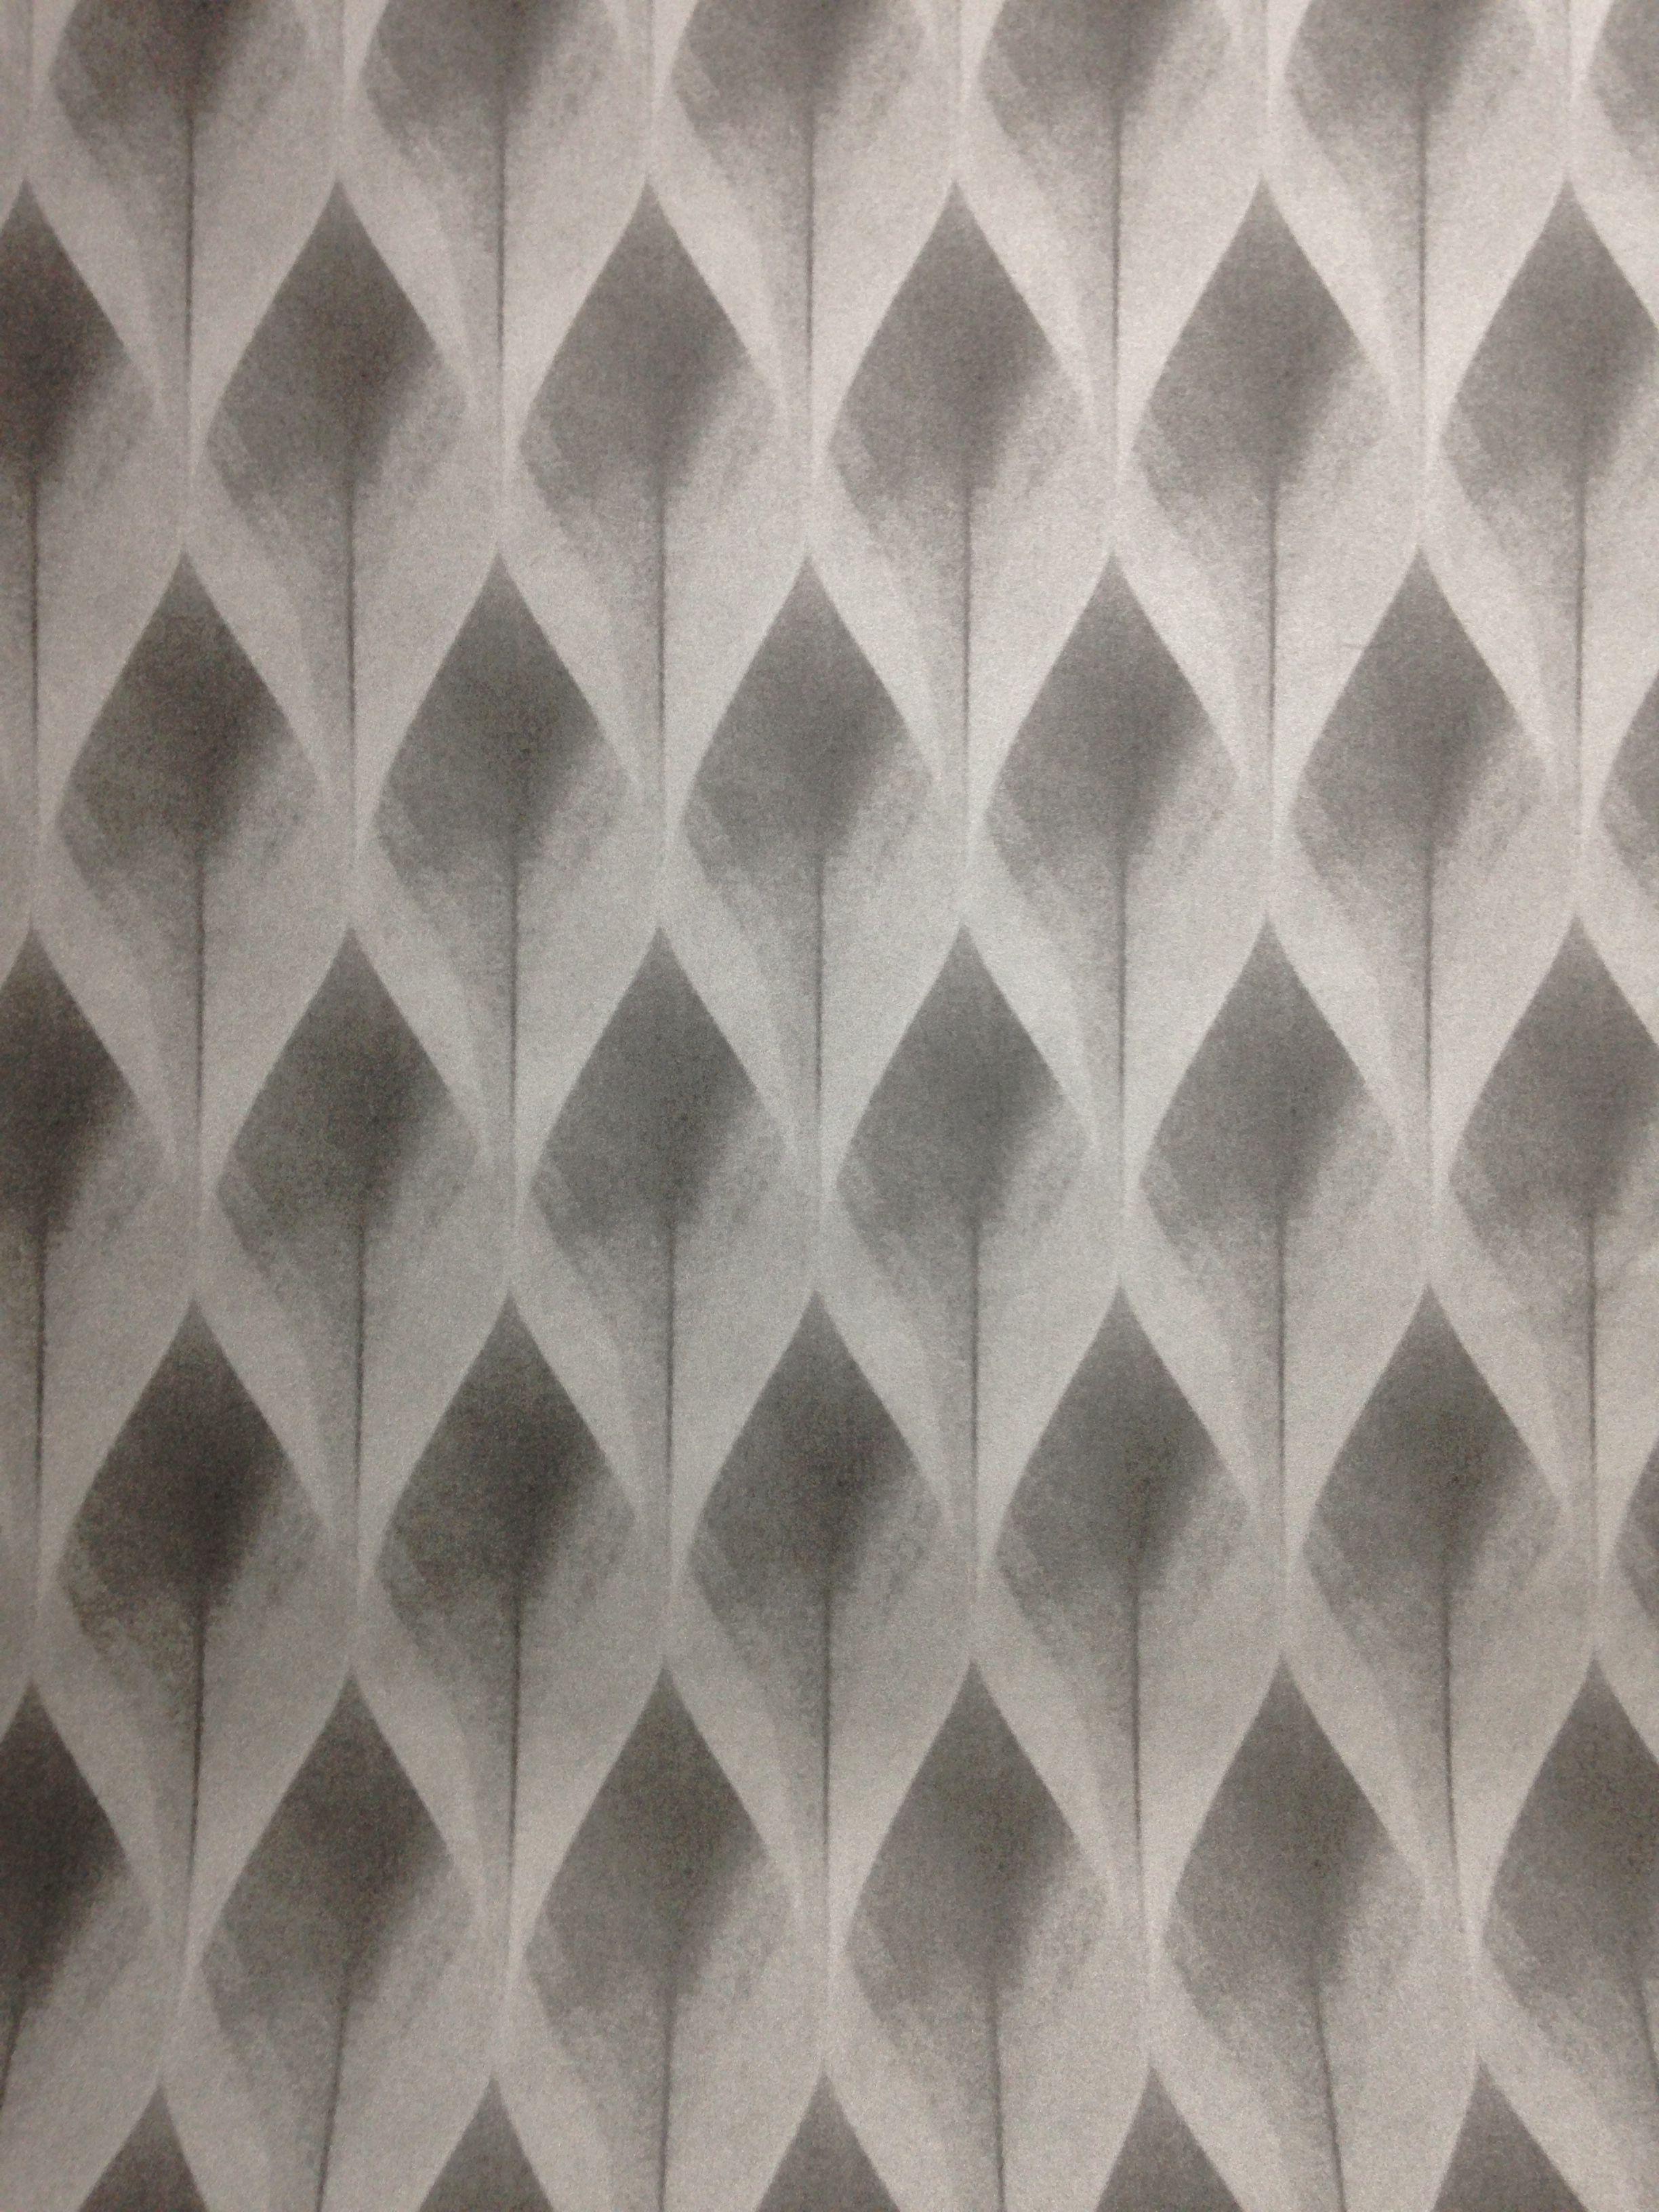 Papier peint 3D. AS CREATION   Interior Components   Pinterest ...